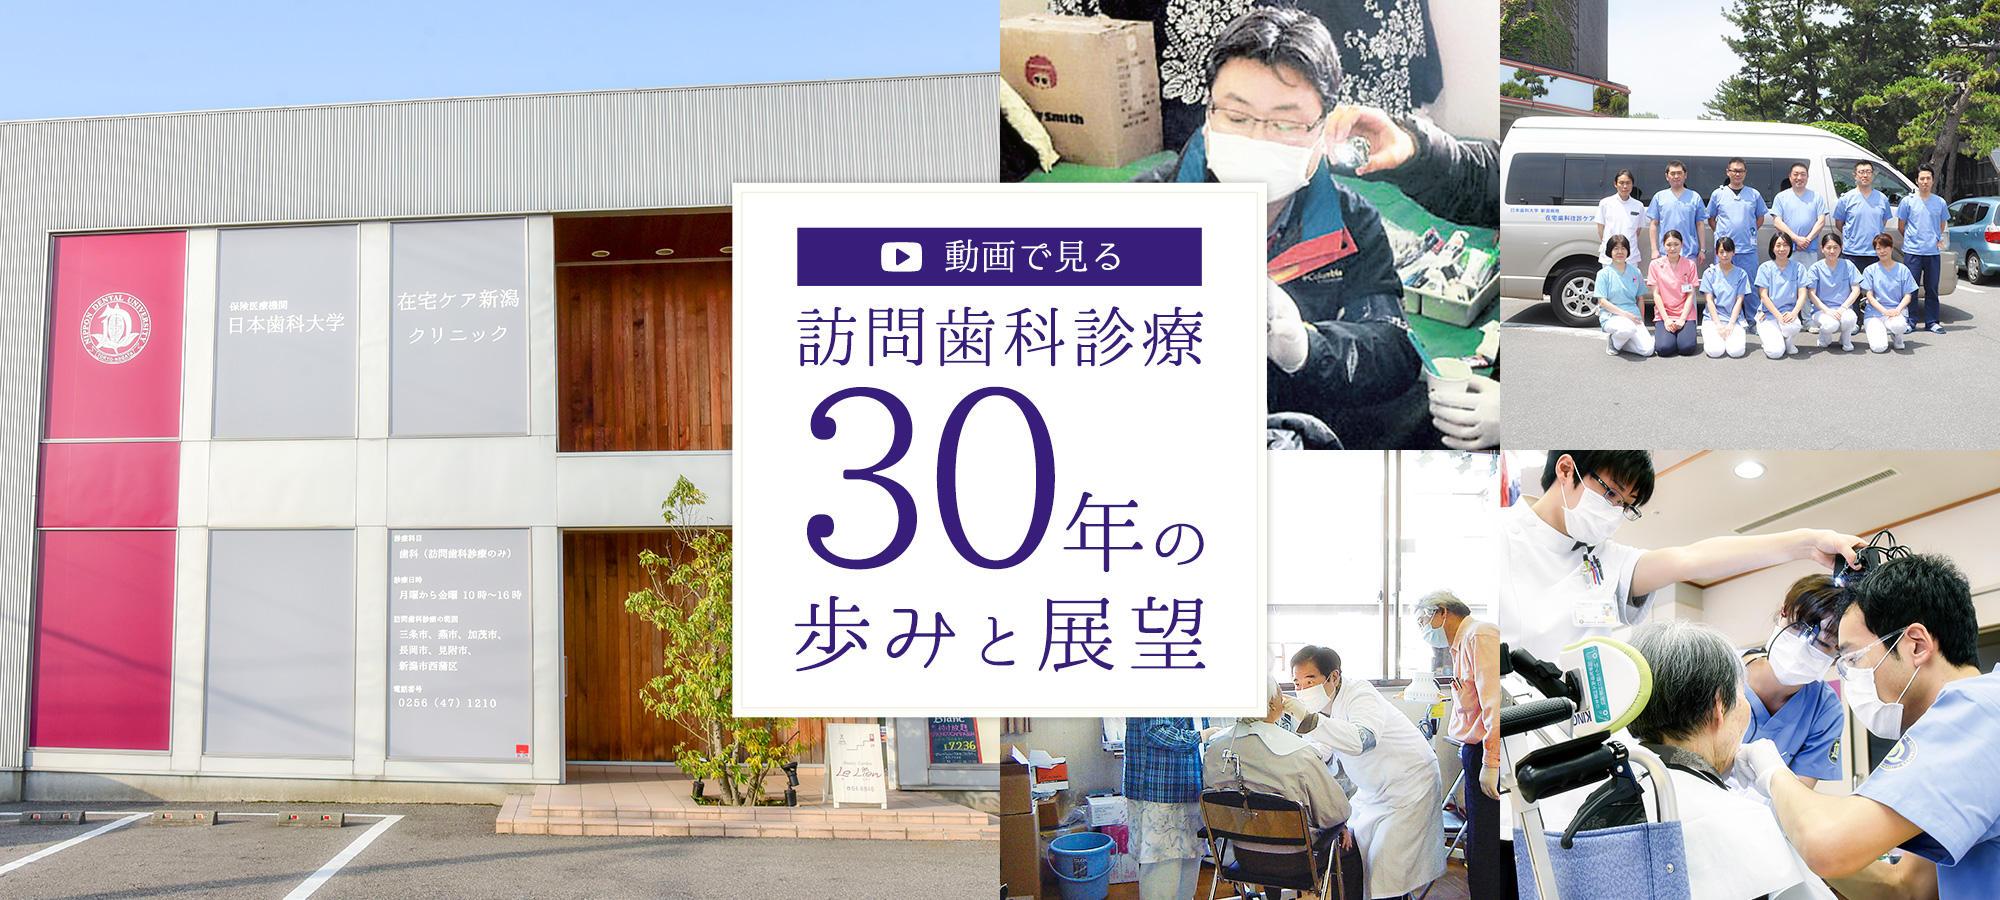 訪問歯科30周年特設ページ